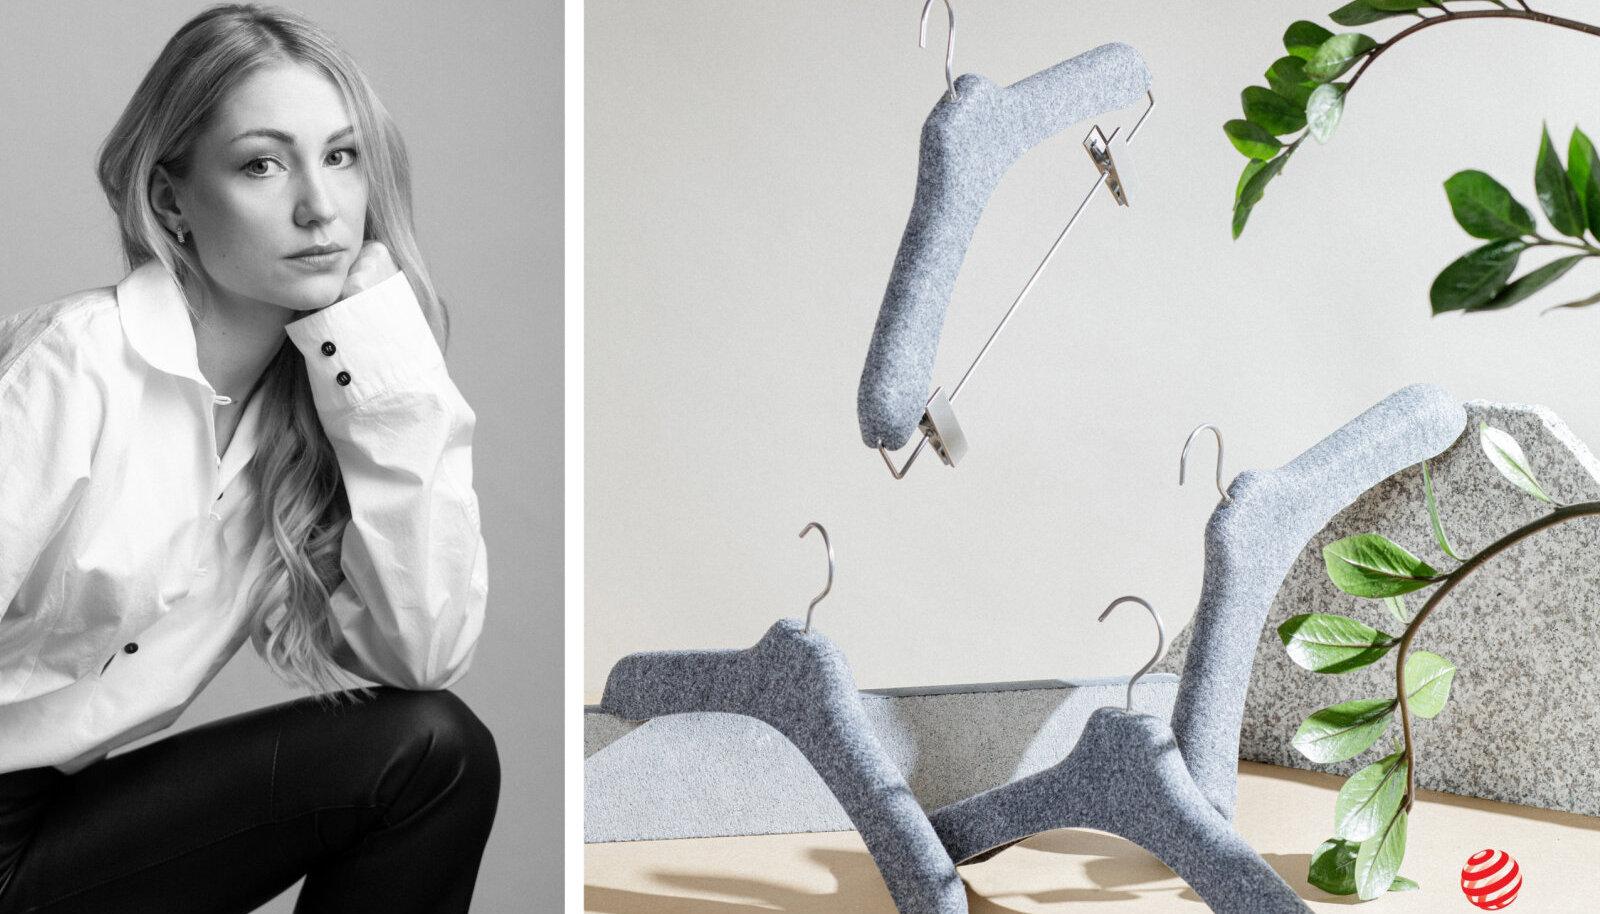 WOH on Eesti bränd, mis disainib ja toodab peadisaineri Margot Vaaderpassi juhtimisel kodusisustuselemente ja mööblit.